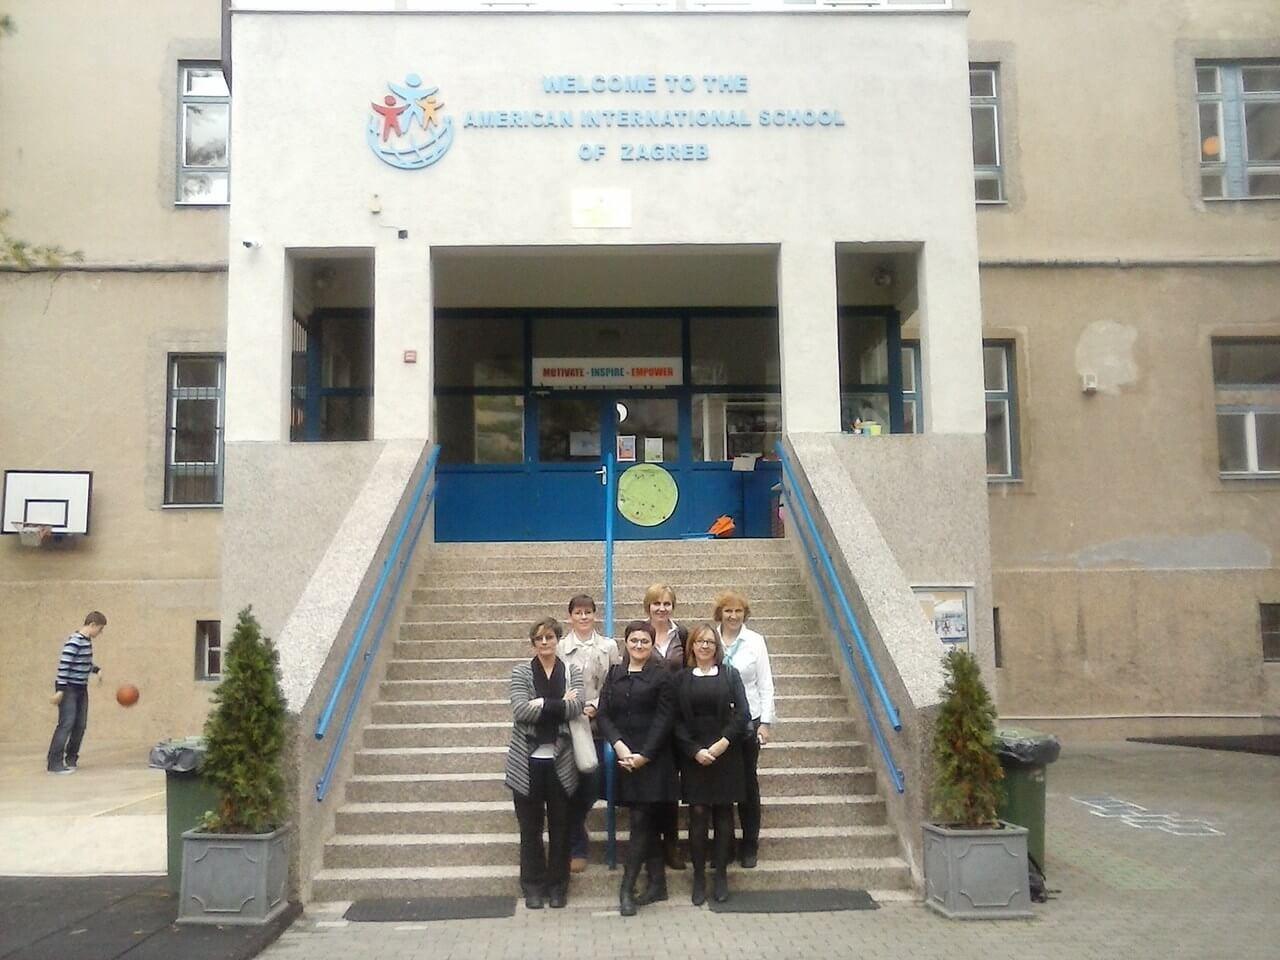 """Učenici OŠ """"Vladimir Nazor"""" Križevci 20.10.2015. su bili u posjetu Američkoj ambasadi i Američkoj međunarodnoj školi u Zagrebu"""